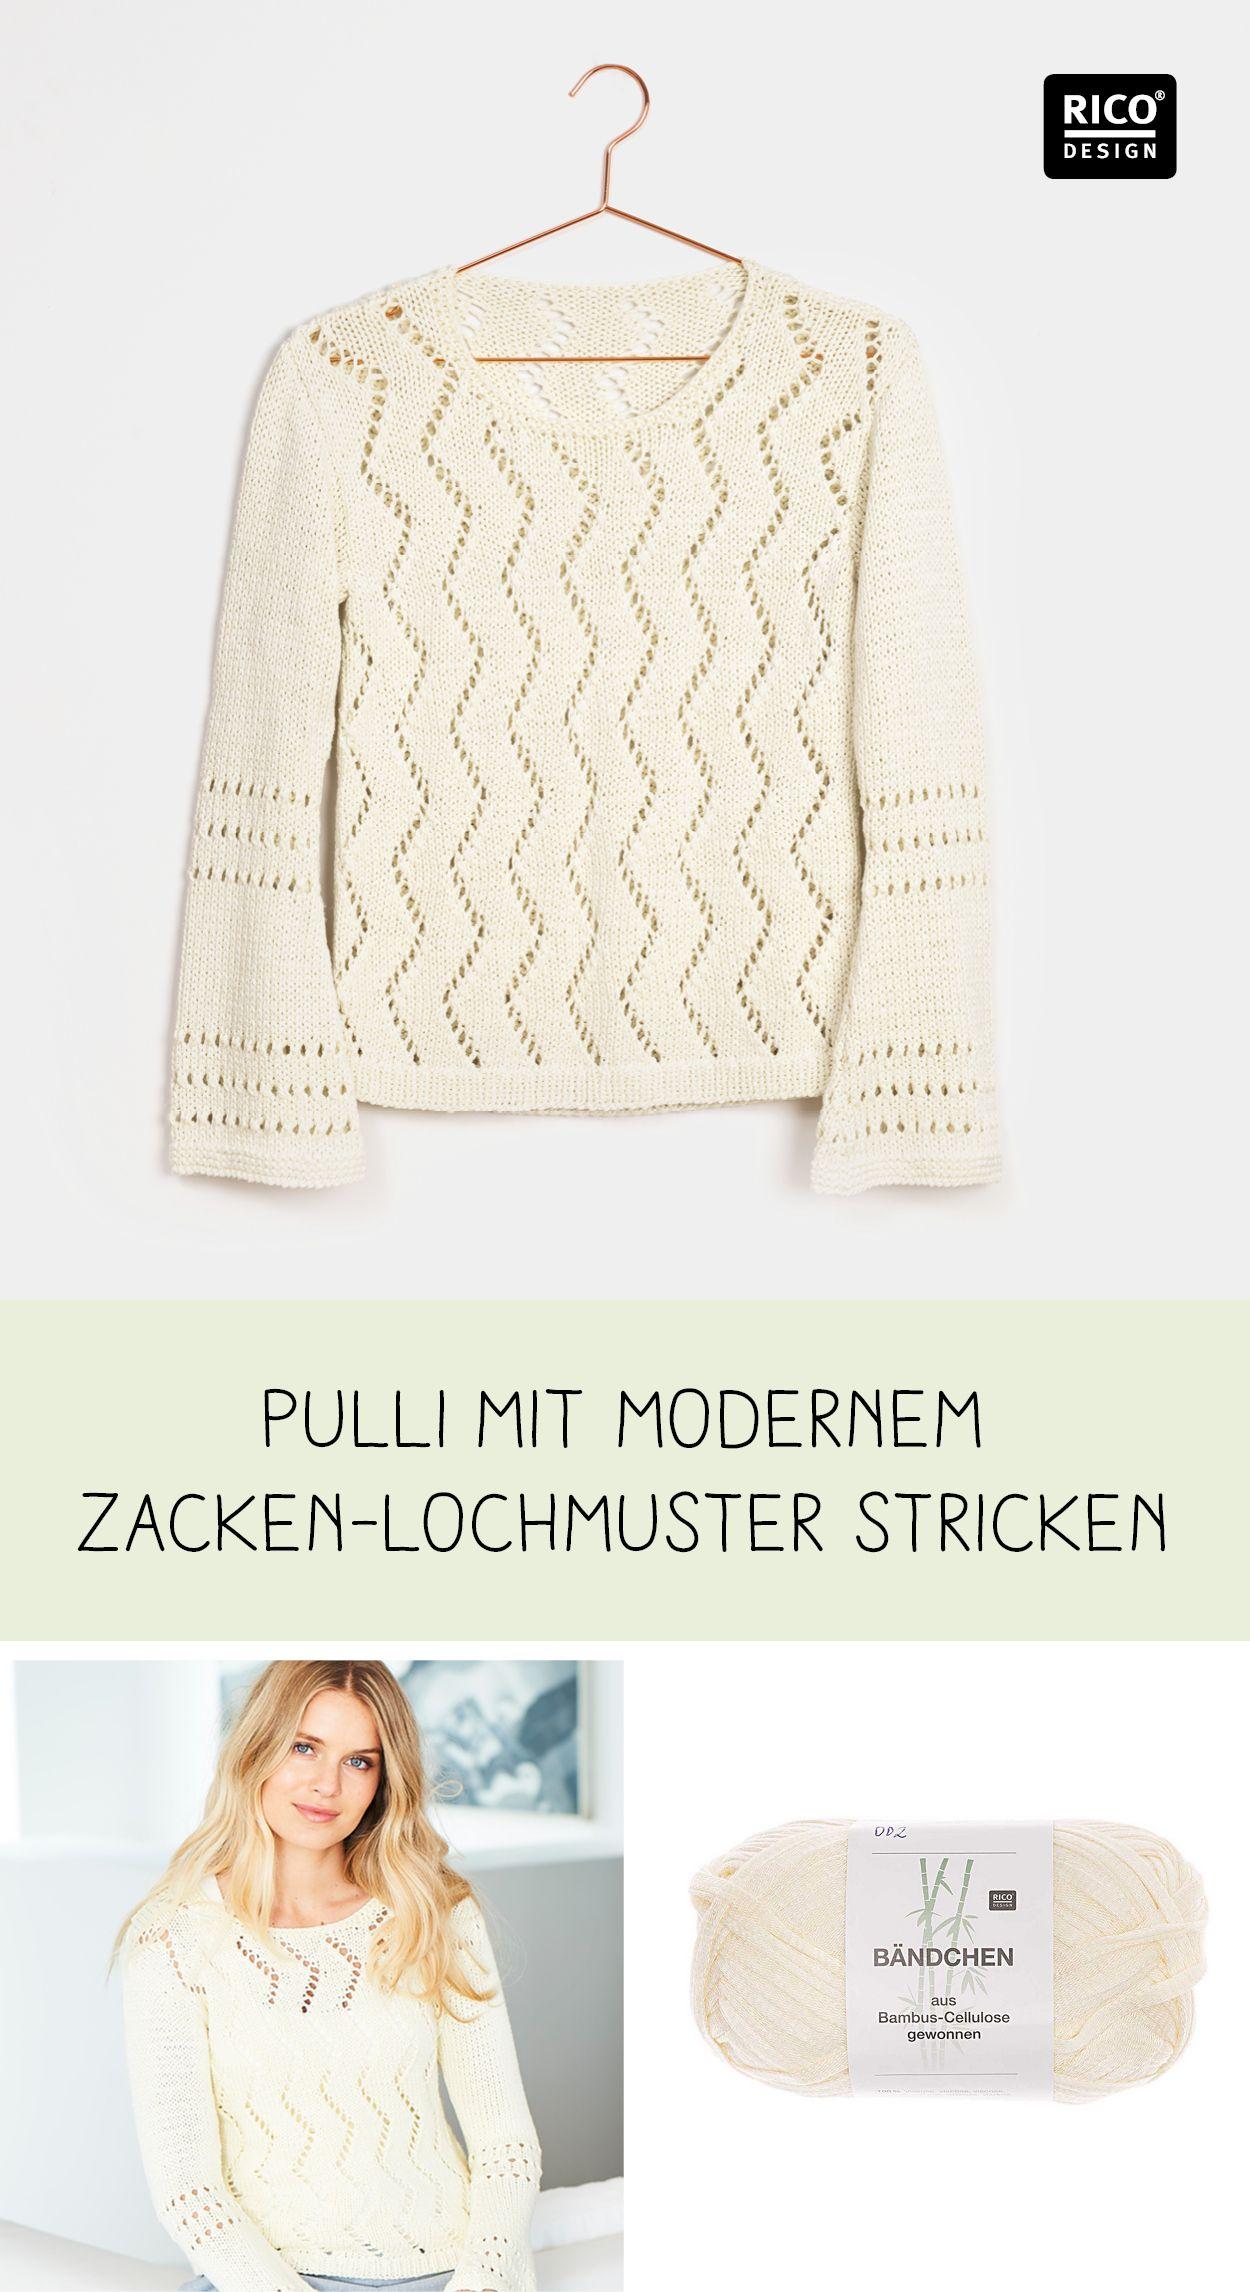 Photo of Strickmode: Stylishen Pullover mit Zacken-Lochmuster stricken